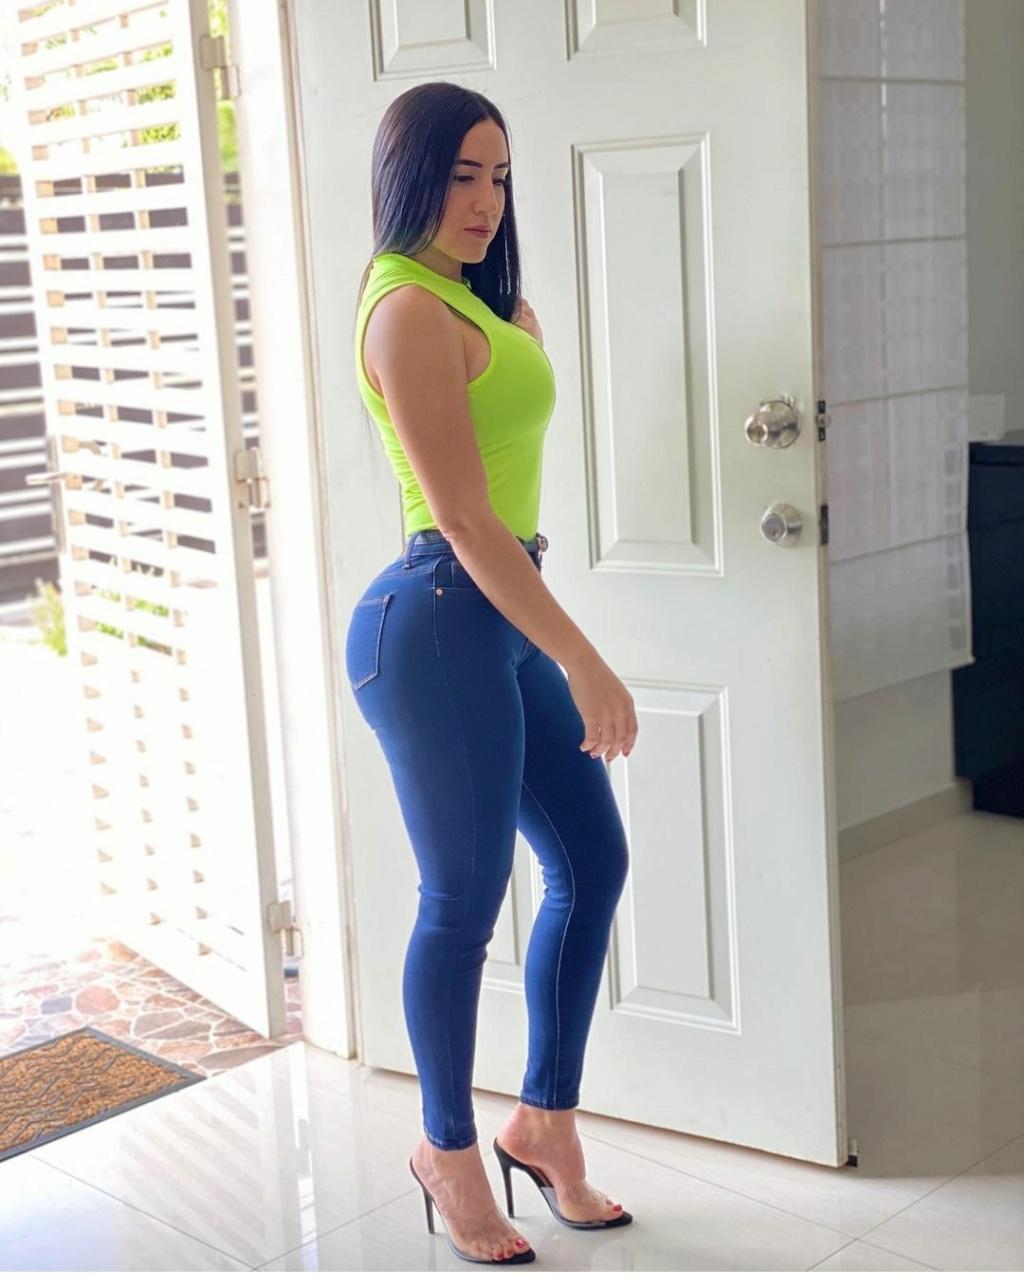 DEBATE sobre belleza, guapura y hermosura (fotos de chicas latinas, mestizas, y de todo) - VOL II - Página 9 Img_1306